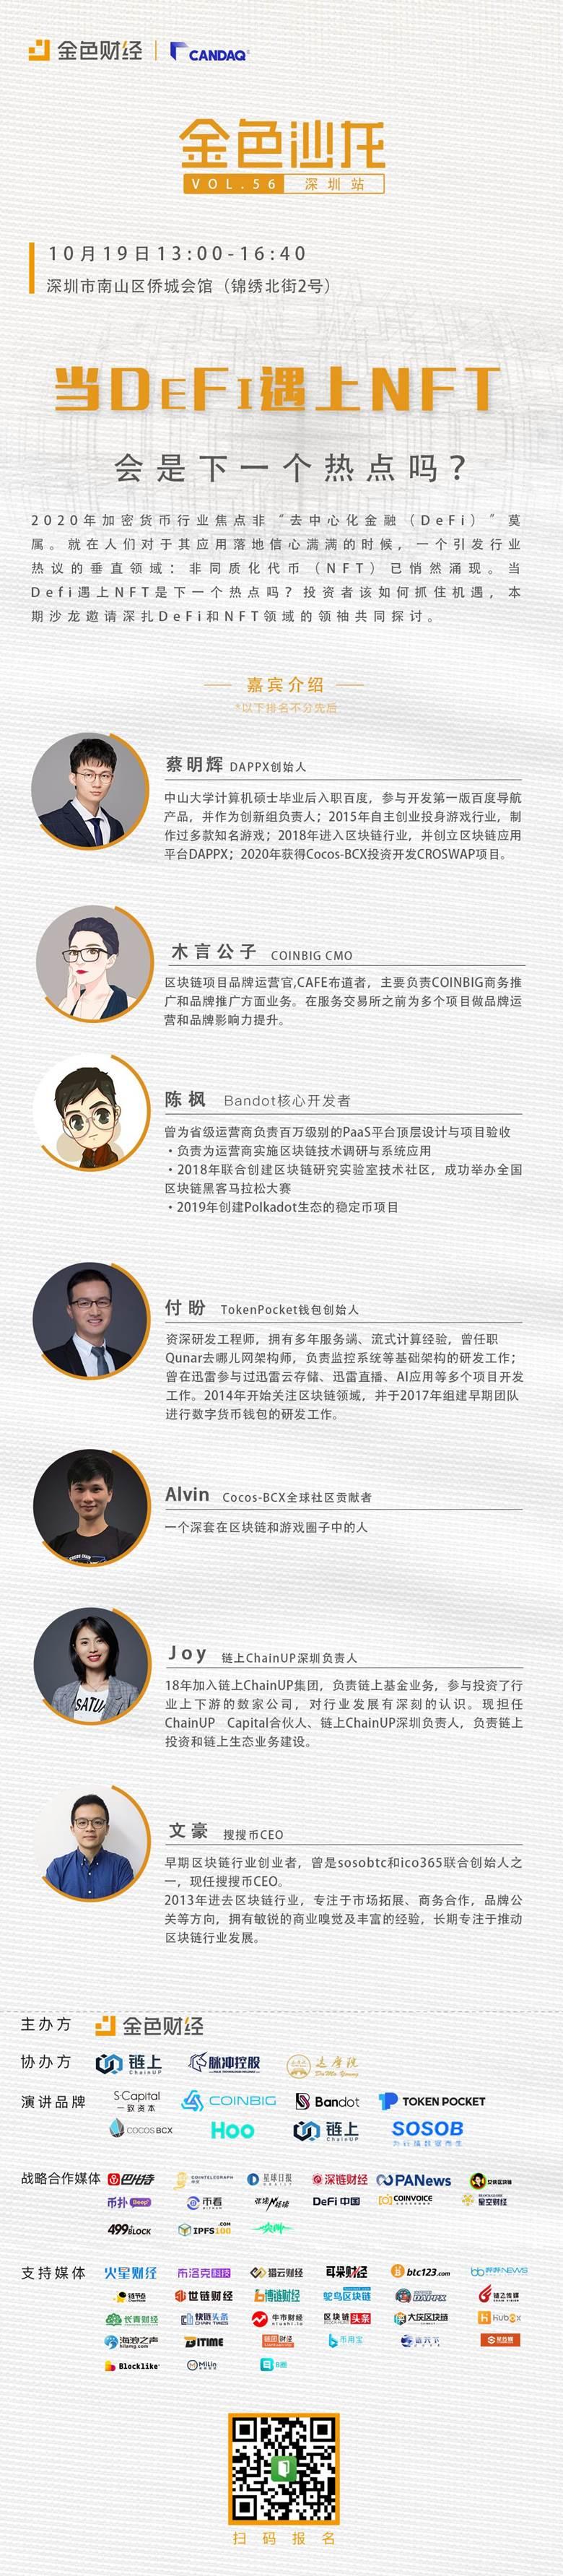 预热邀请函(有二维码)协办方宣传(最终版本).png